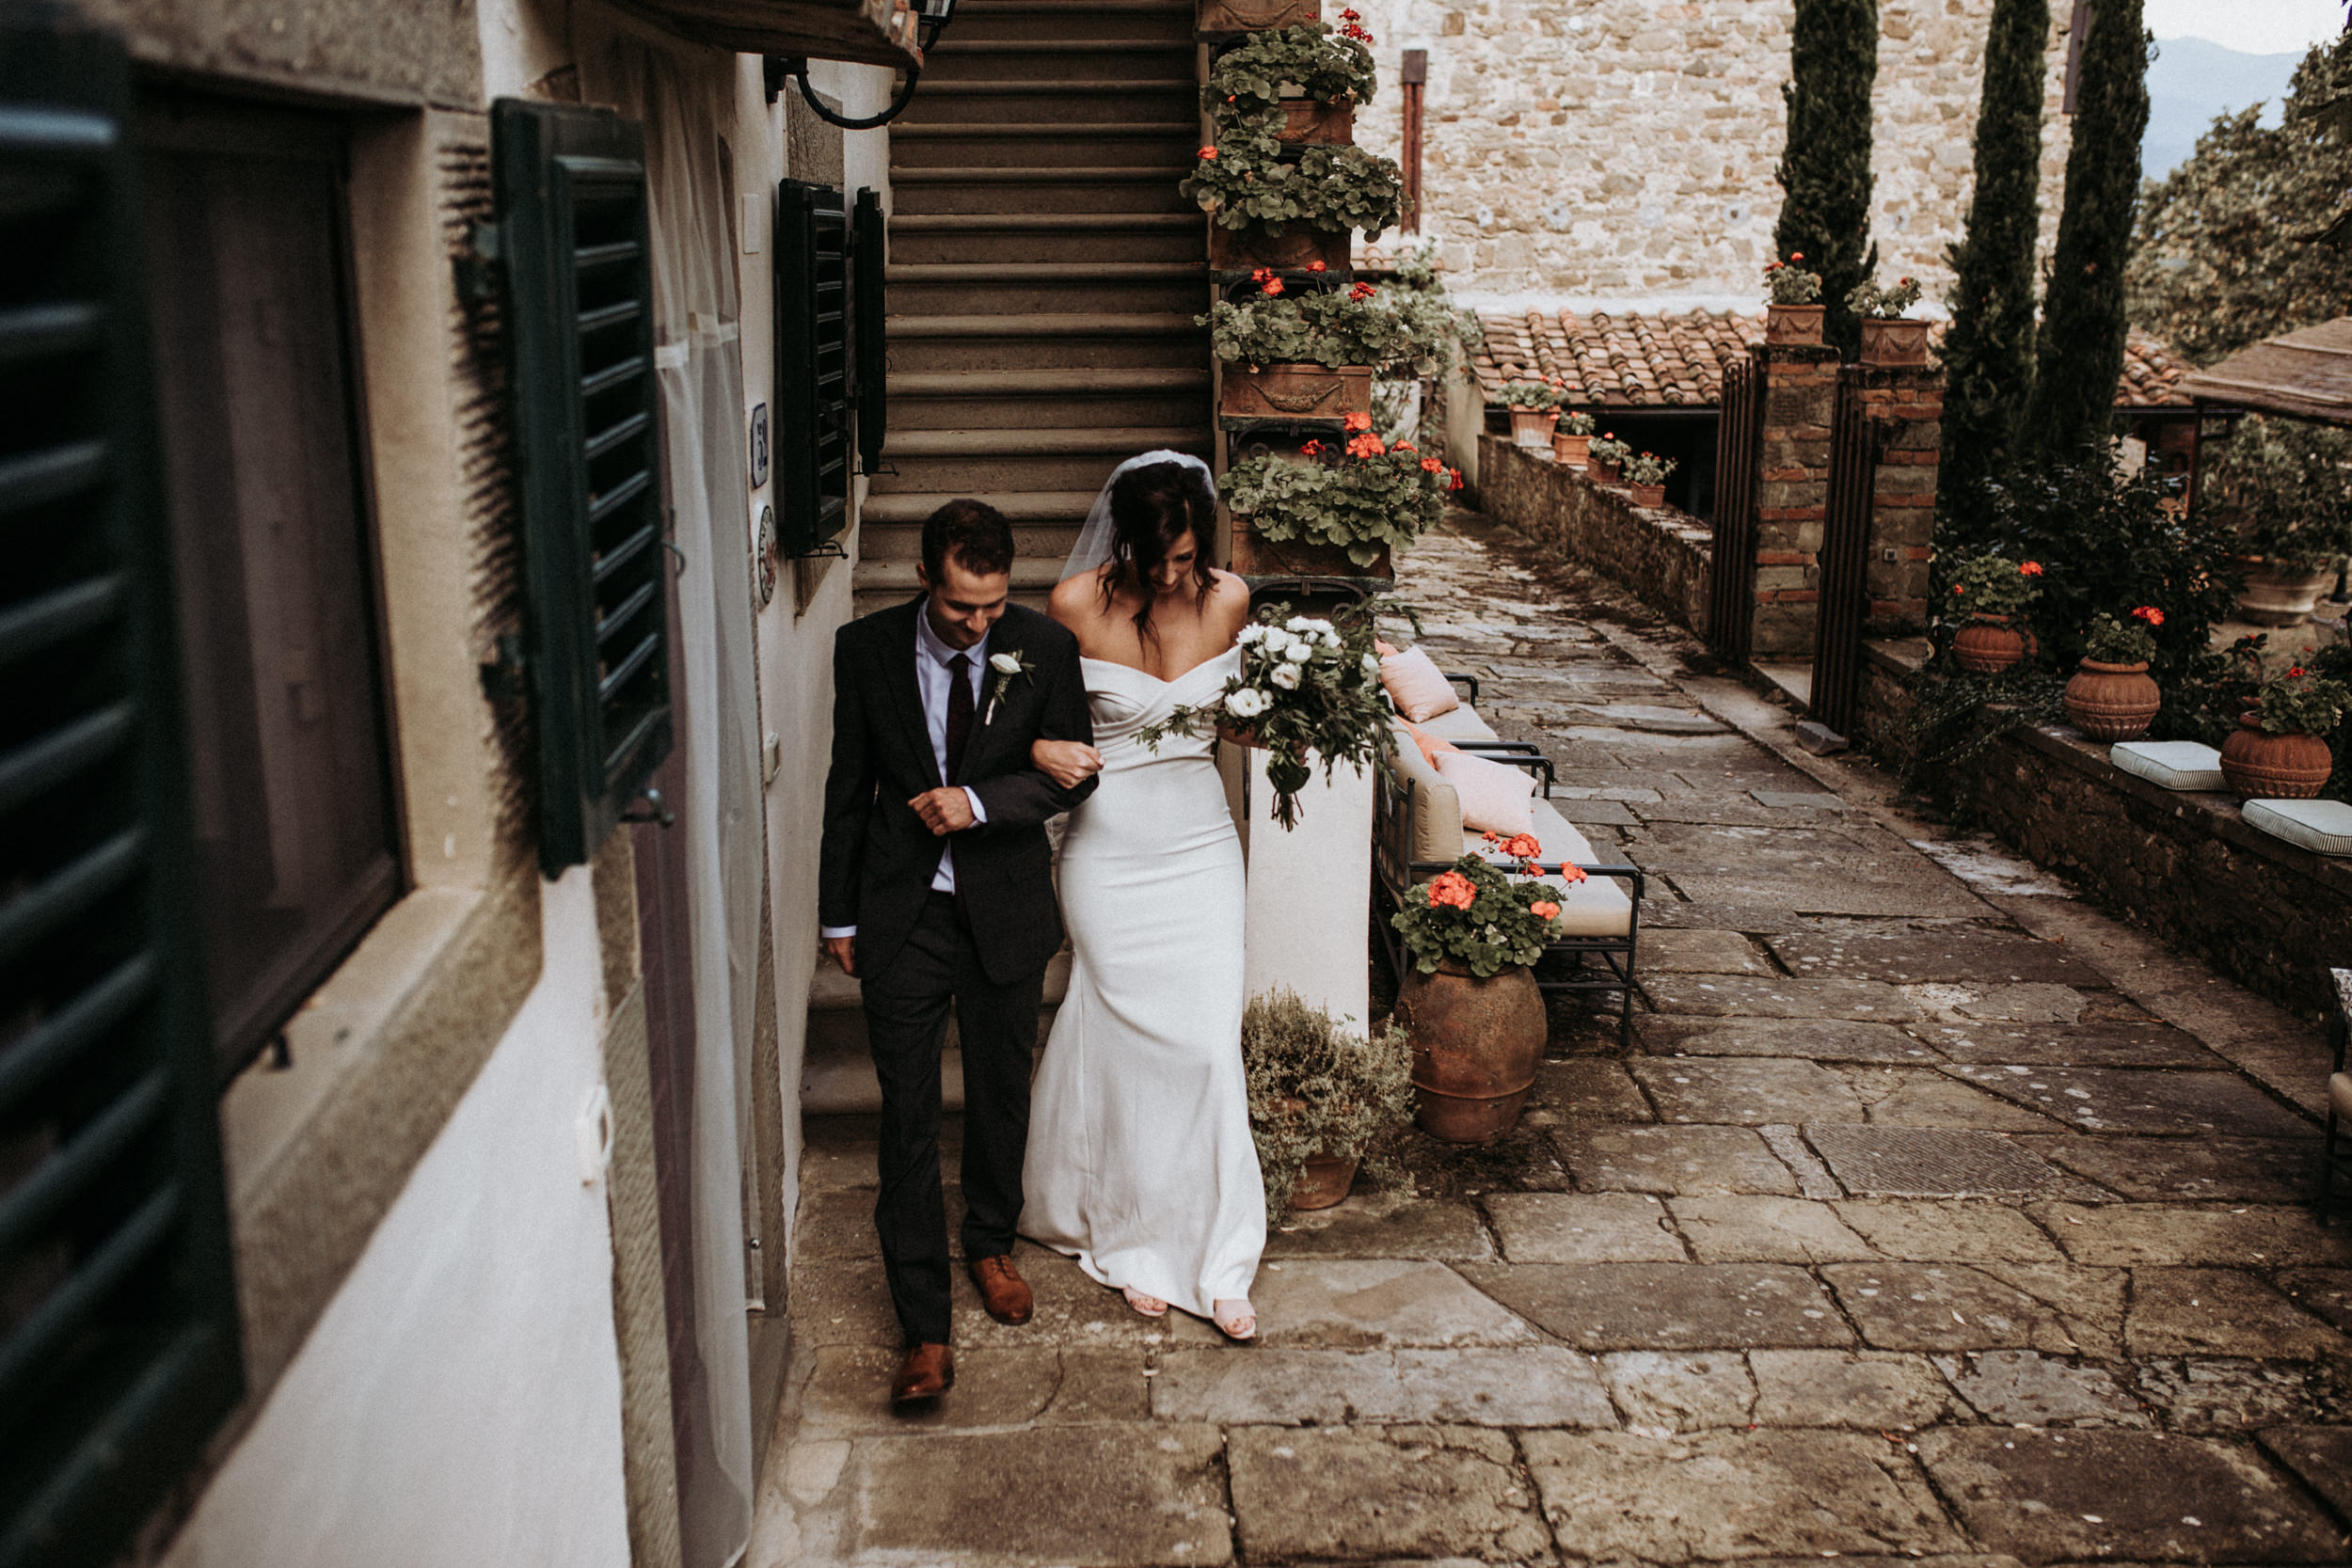 dm_photography_KW_Tuscanyweddingday_200